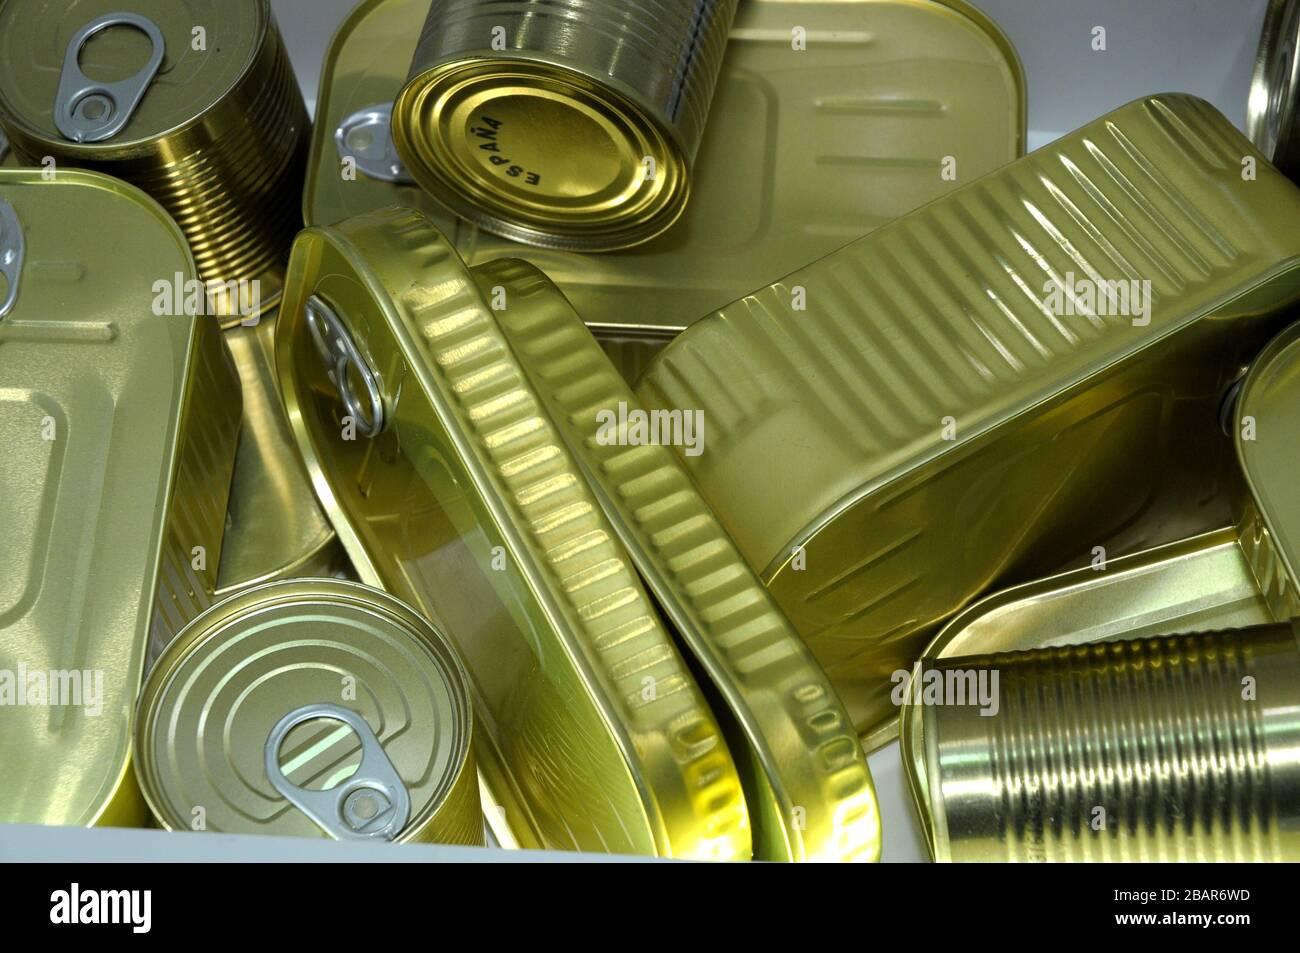 linas , aluminio, reciclado, metal, conservas, latas de conservas Foto de stock